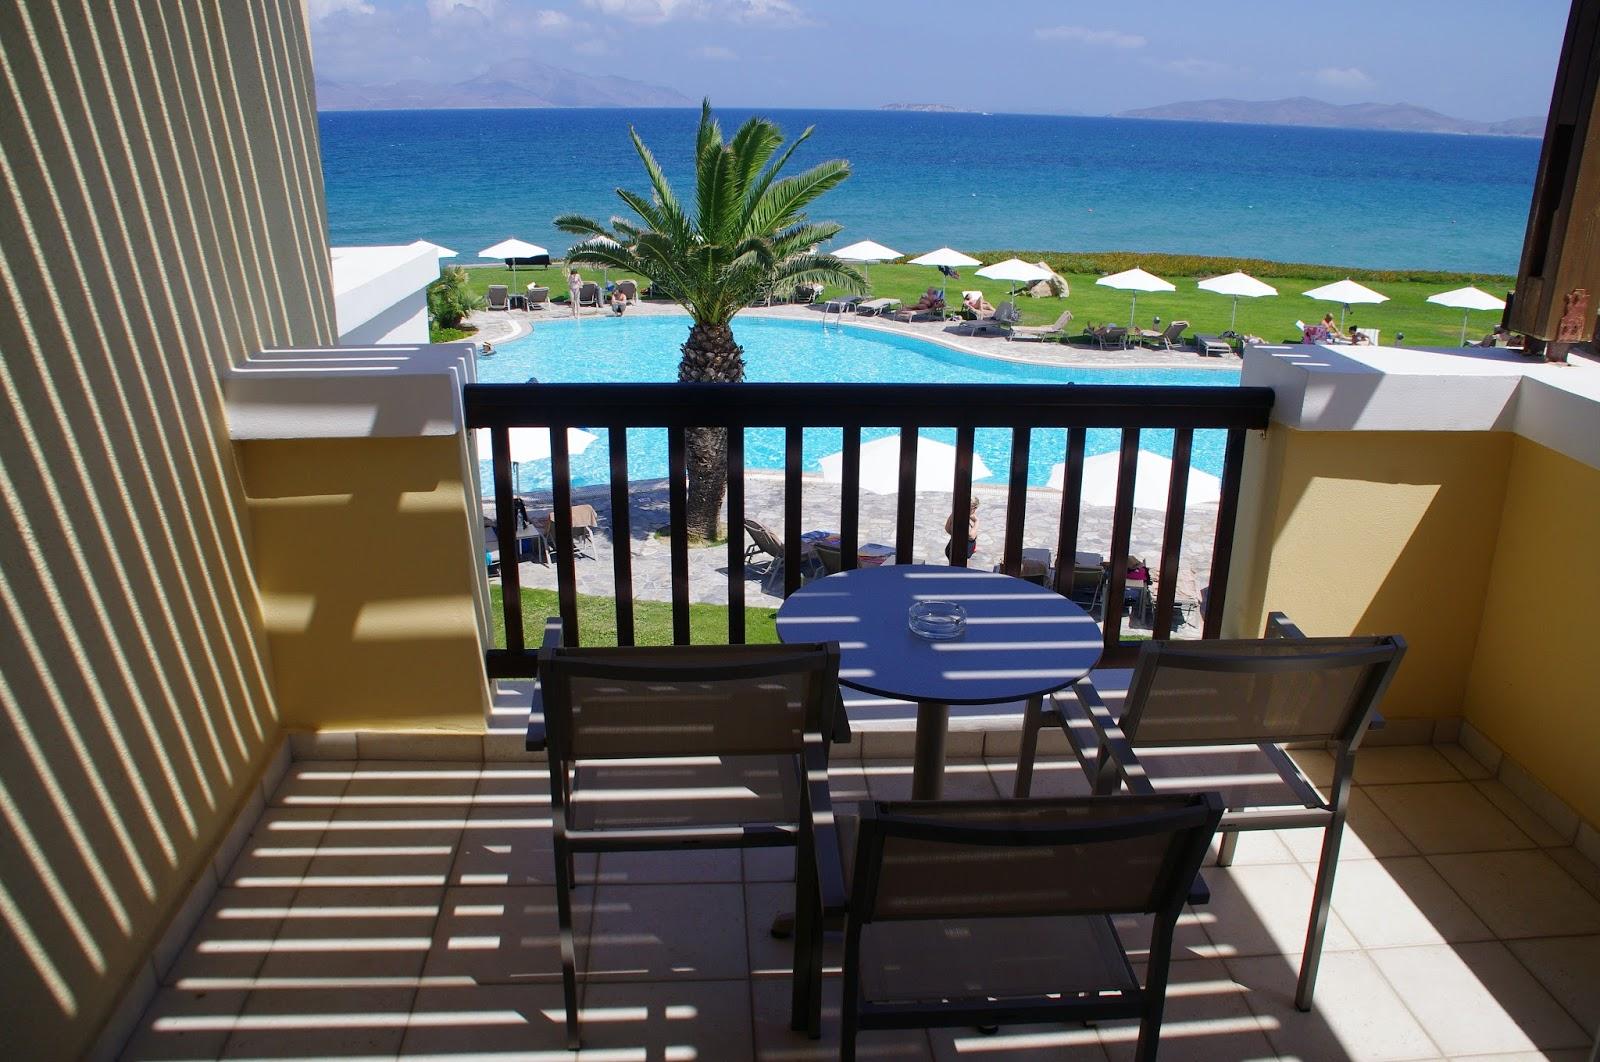 Neptune Hotel Kos Balcony with Sea Views